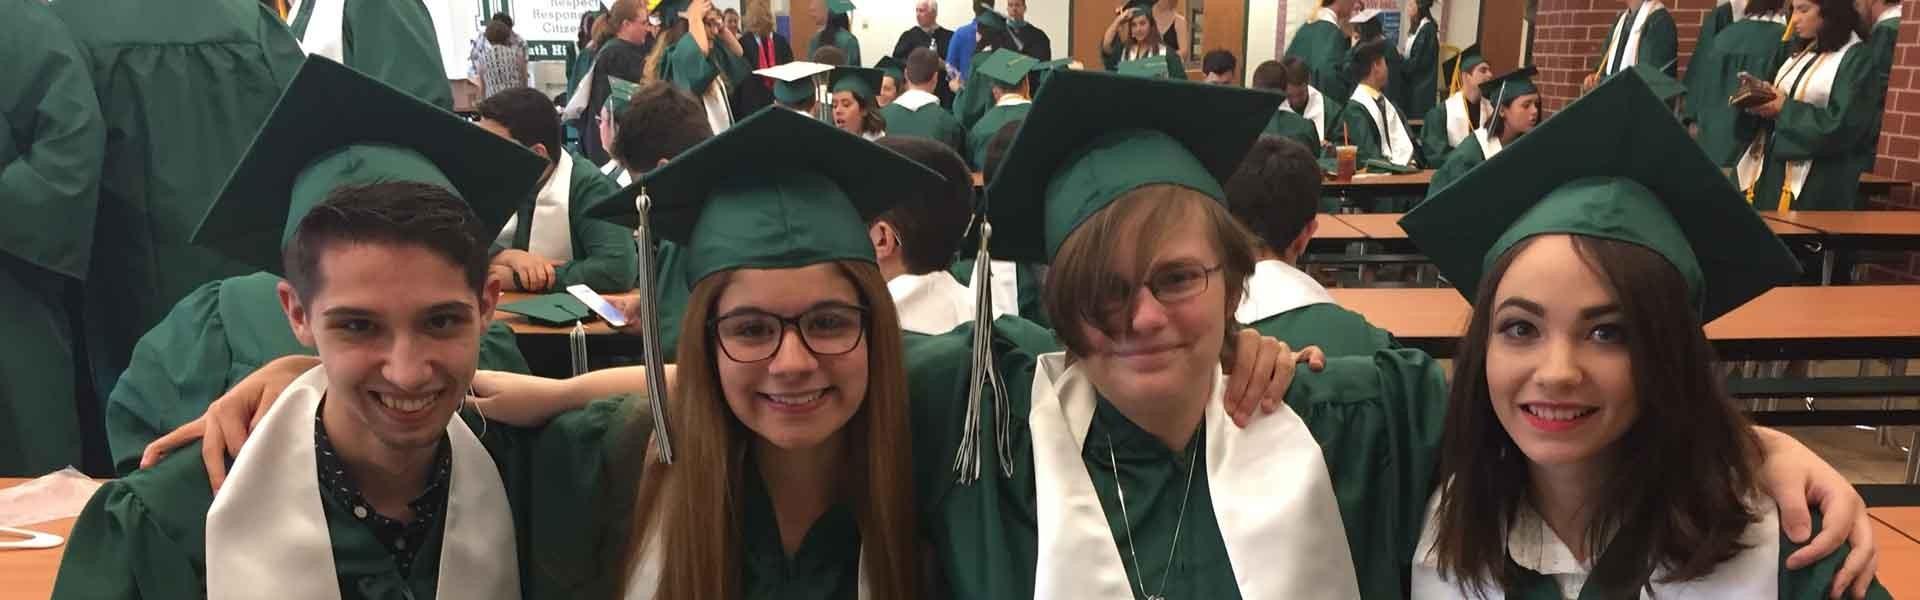 Dartmouth High School Massachusetts USA Graduation Banner 2019